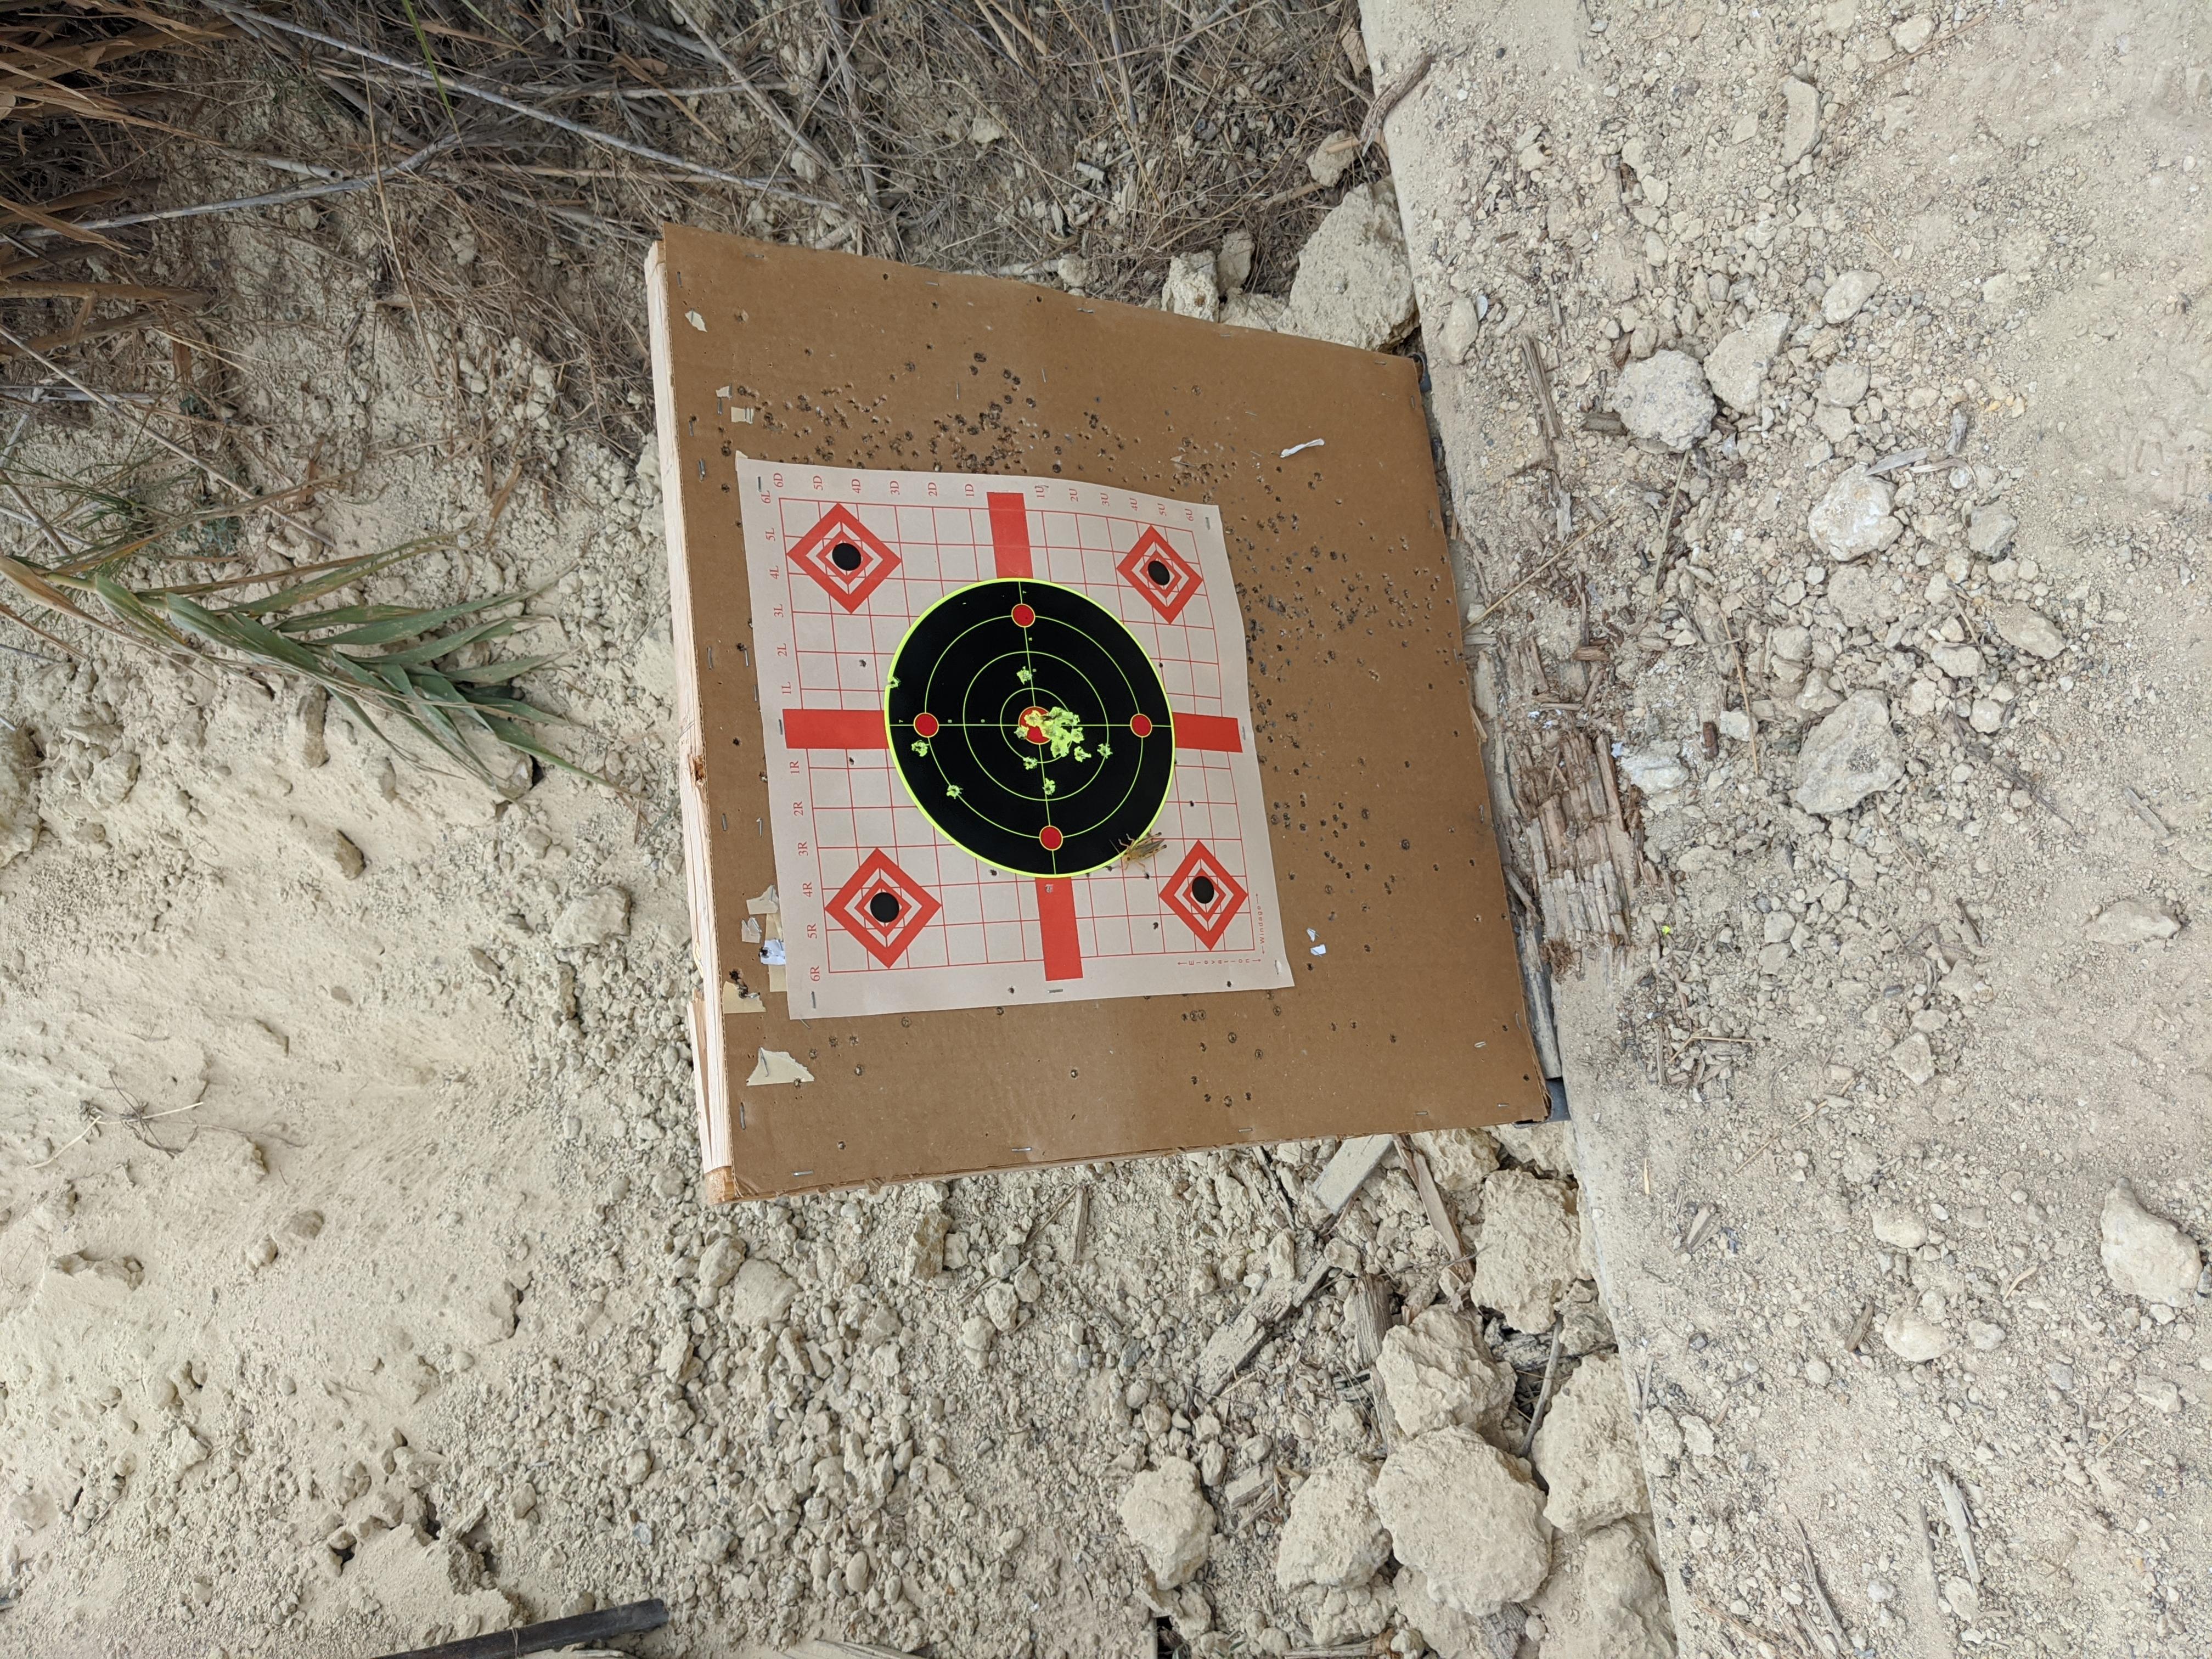 HK 416D First Range Day-img_20200705_102323.jpg